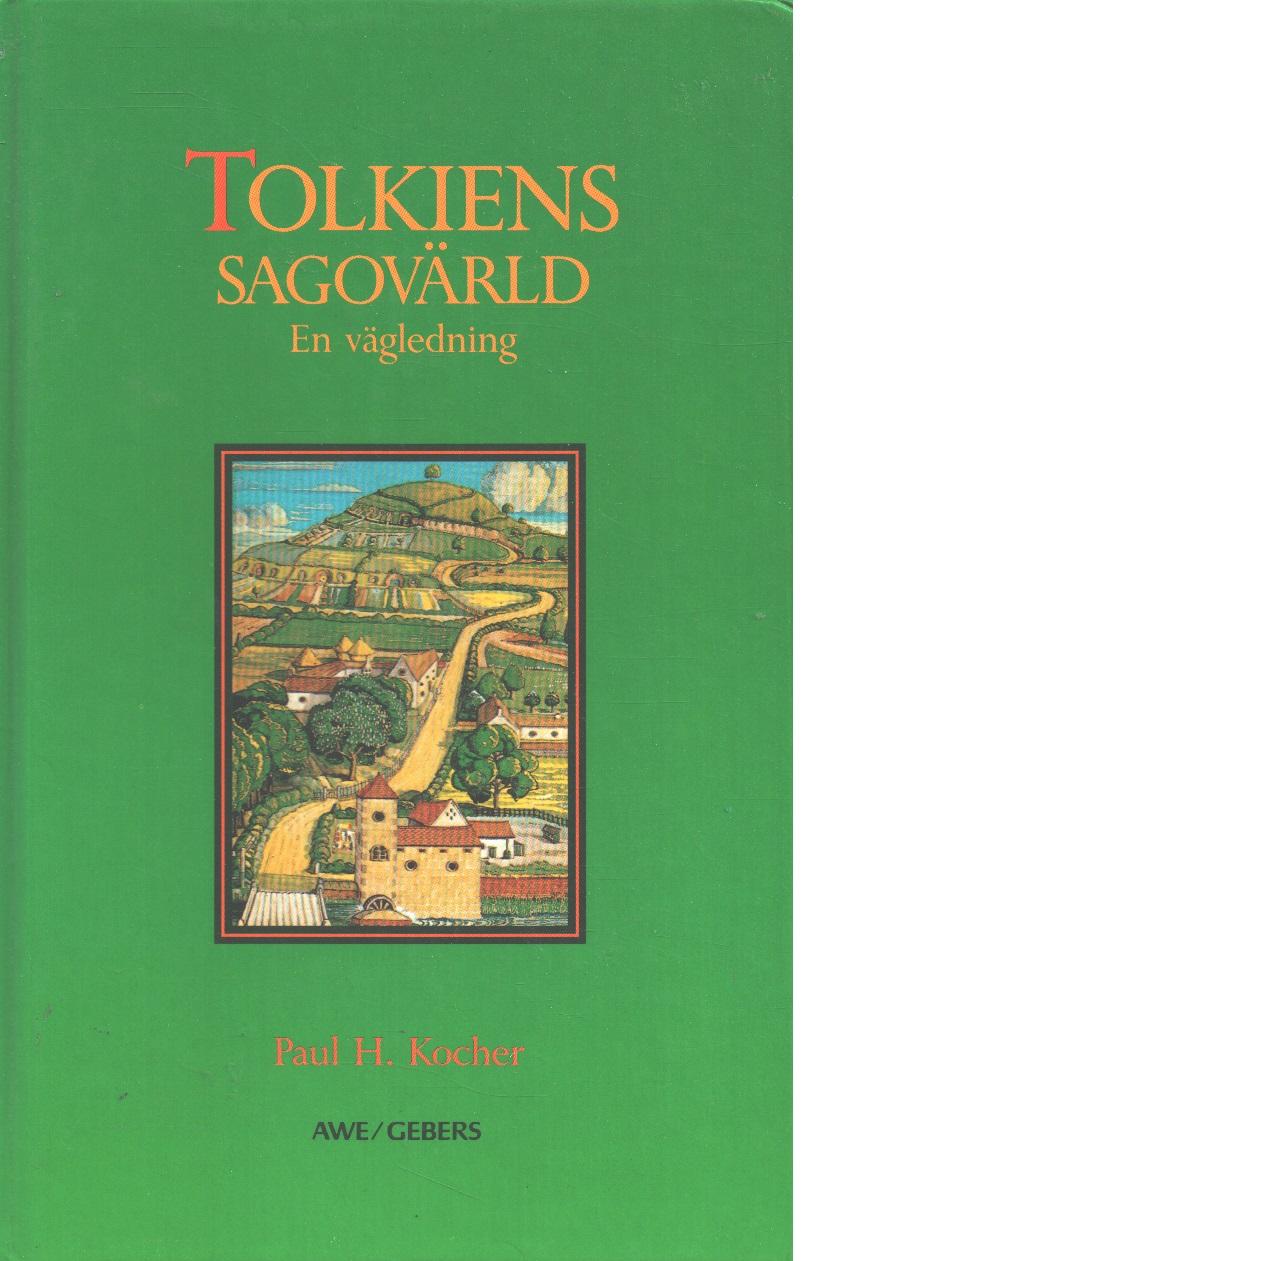 Tolkiens sagovärld : en vägledning - Kocher, Paul H.